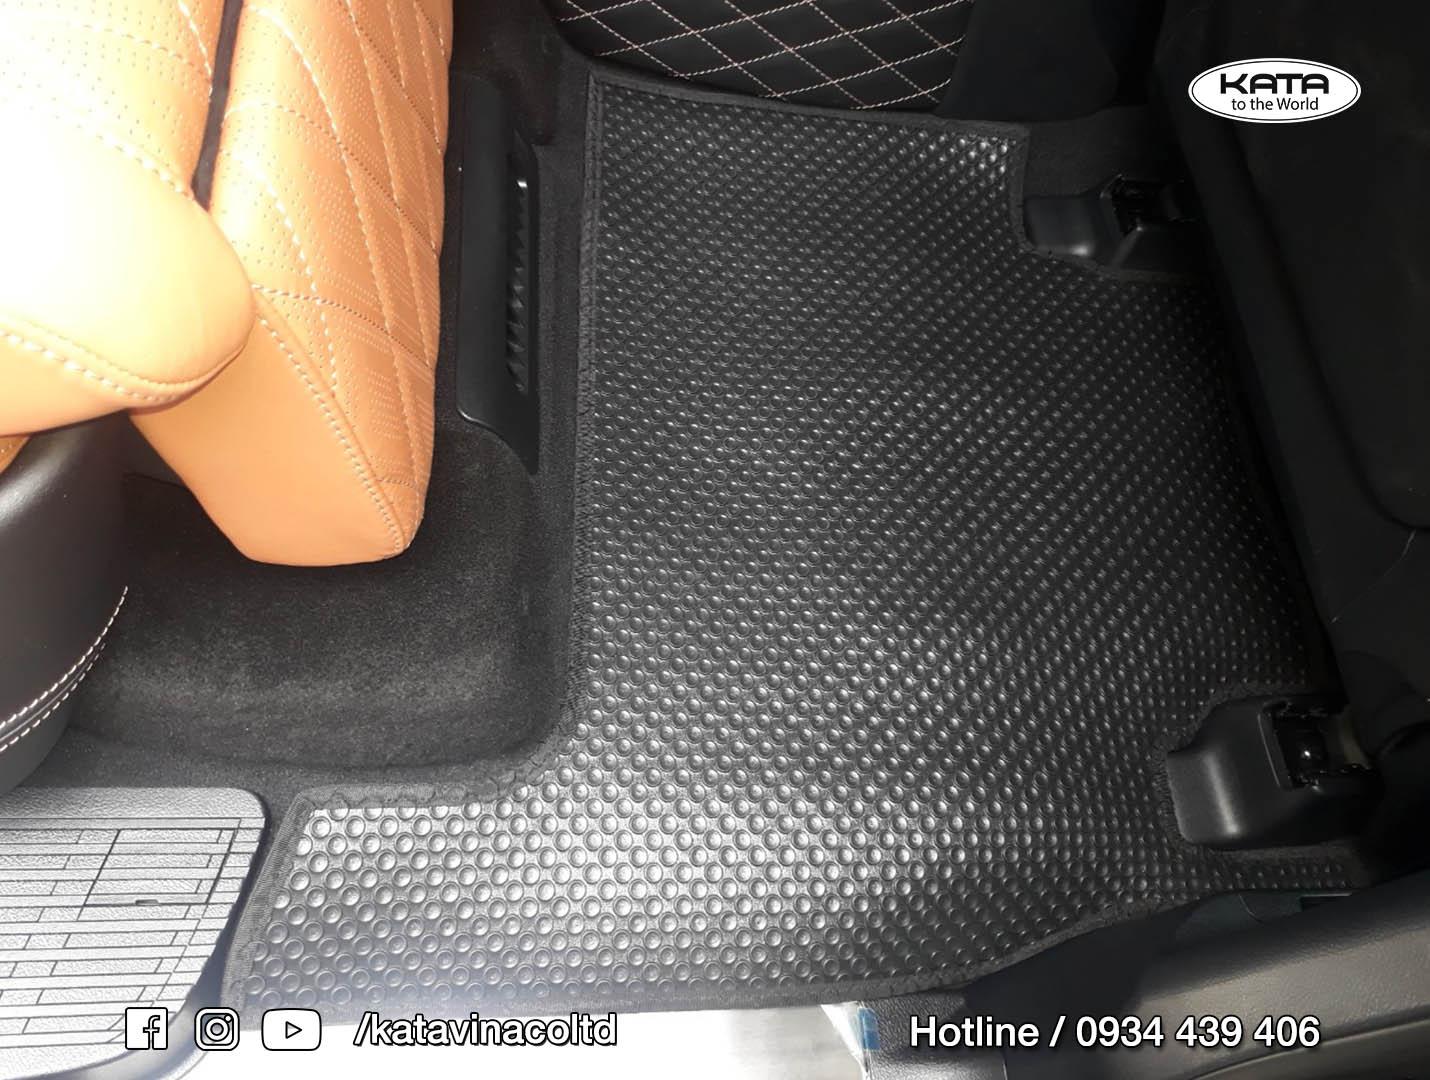 Thảm lót sàn LEXUS LX570 MBS phiên bản 4 chỗ